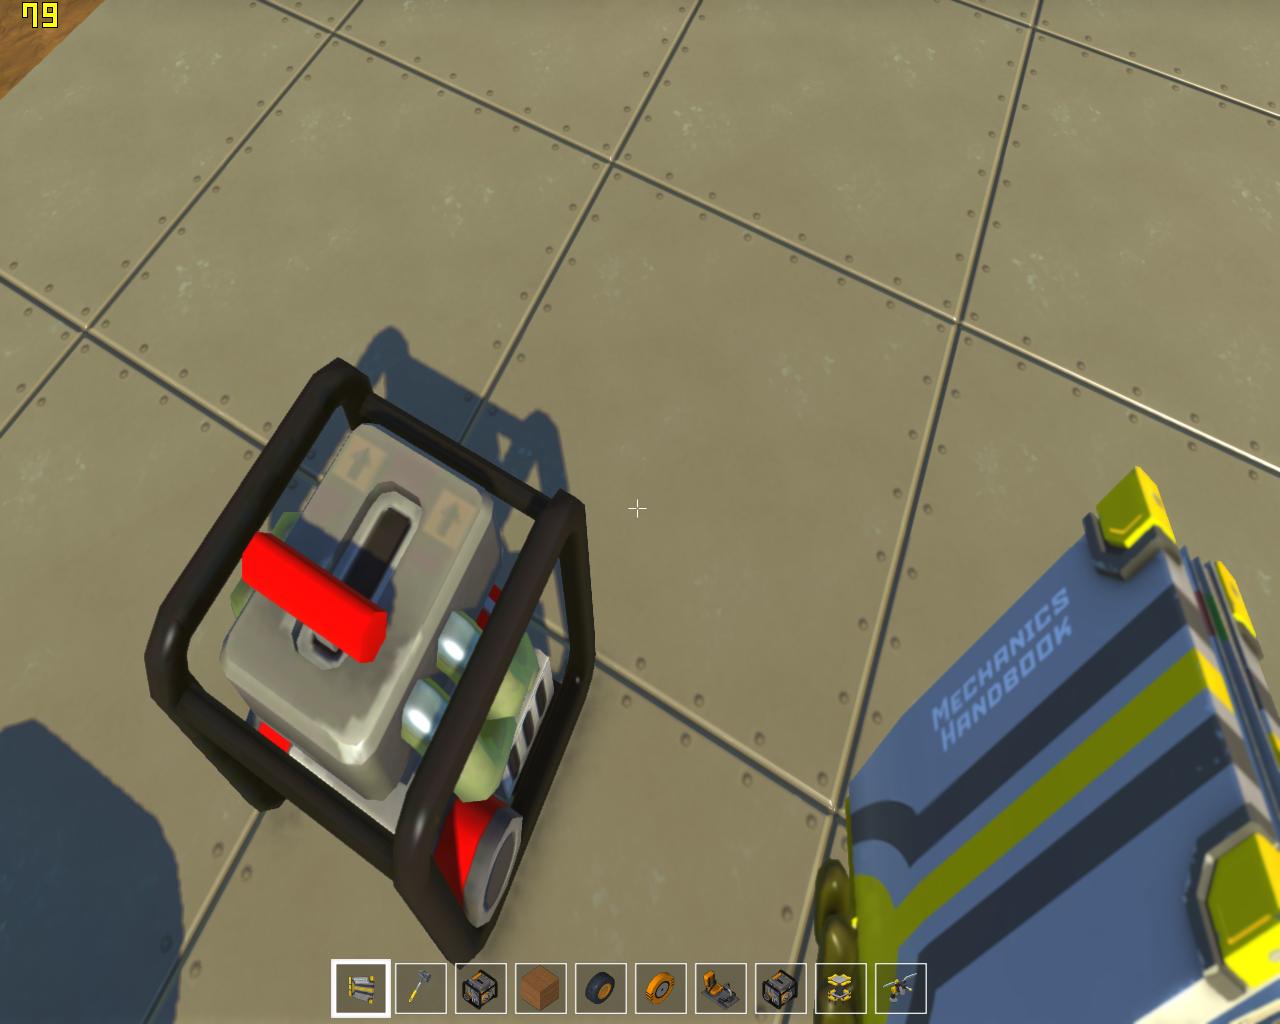 Scrap mechanic 0 1 27 через торрент - 8fda